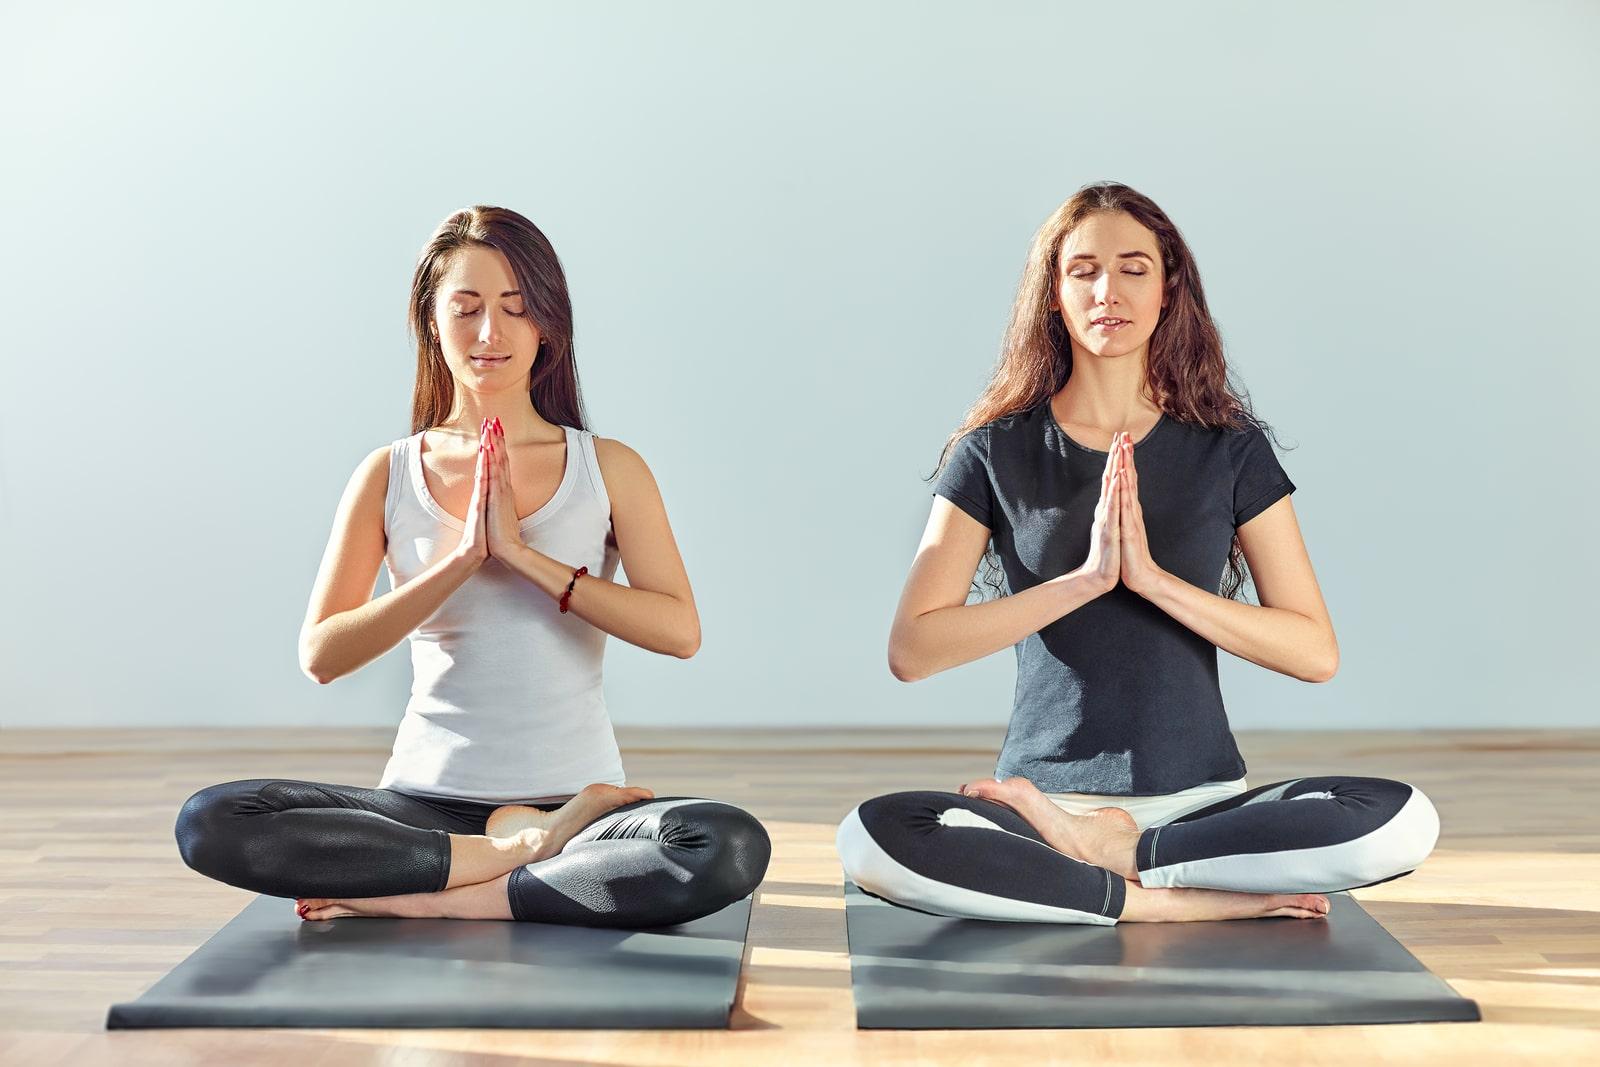 Duas mulheres jovens em posição de meditação e com as mãos em forma de namastê.